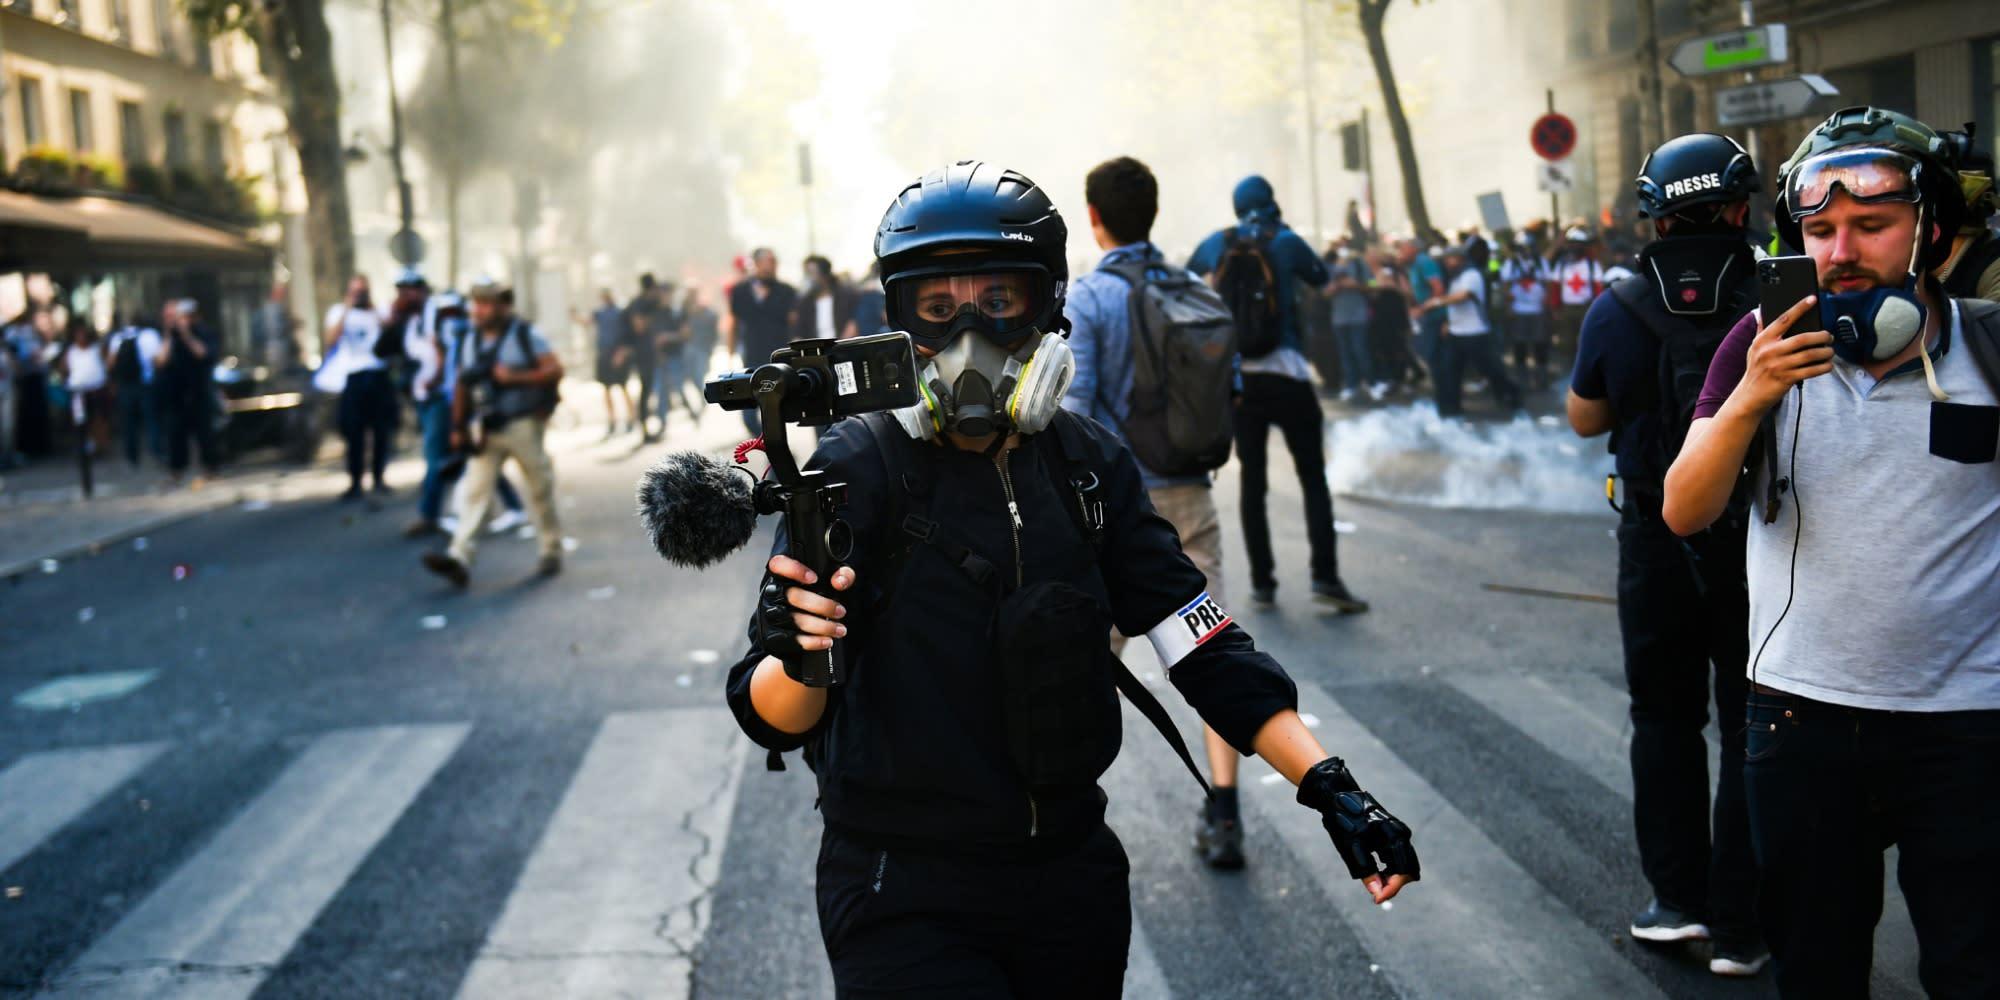 INFO EUROPE 1 - Sécurité globale : les Français plutôt favorables à l'article 24, selon un sondage commandé par Matignon